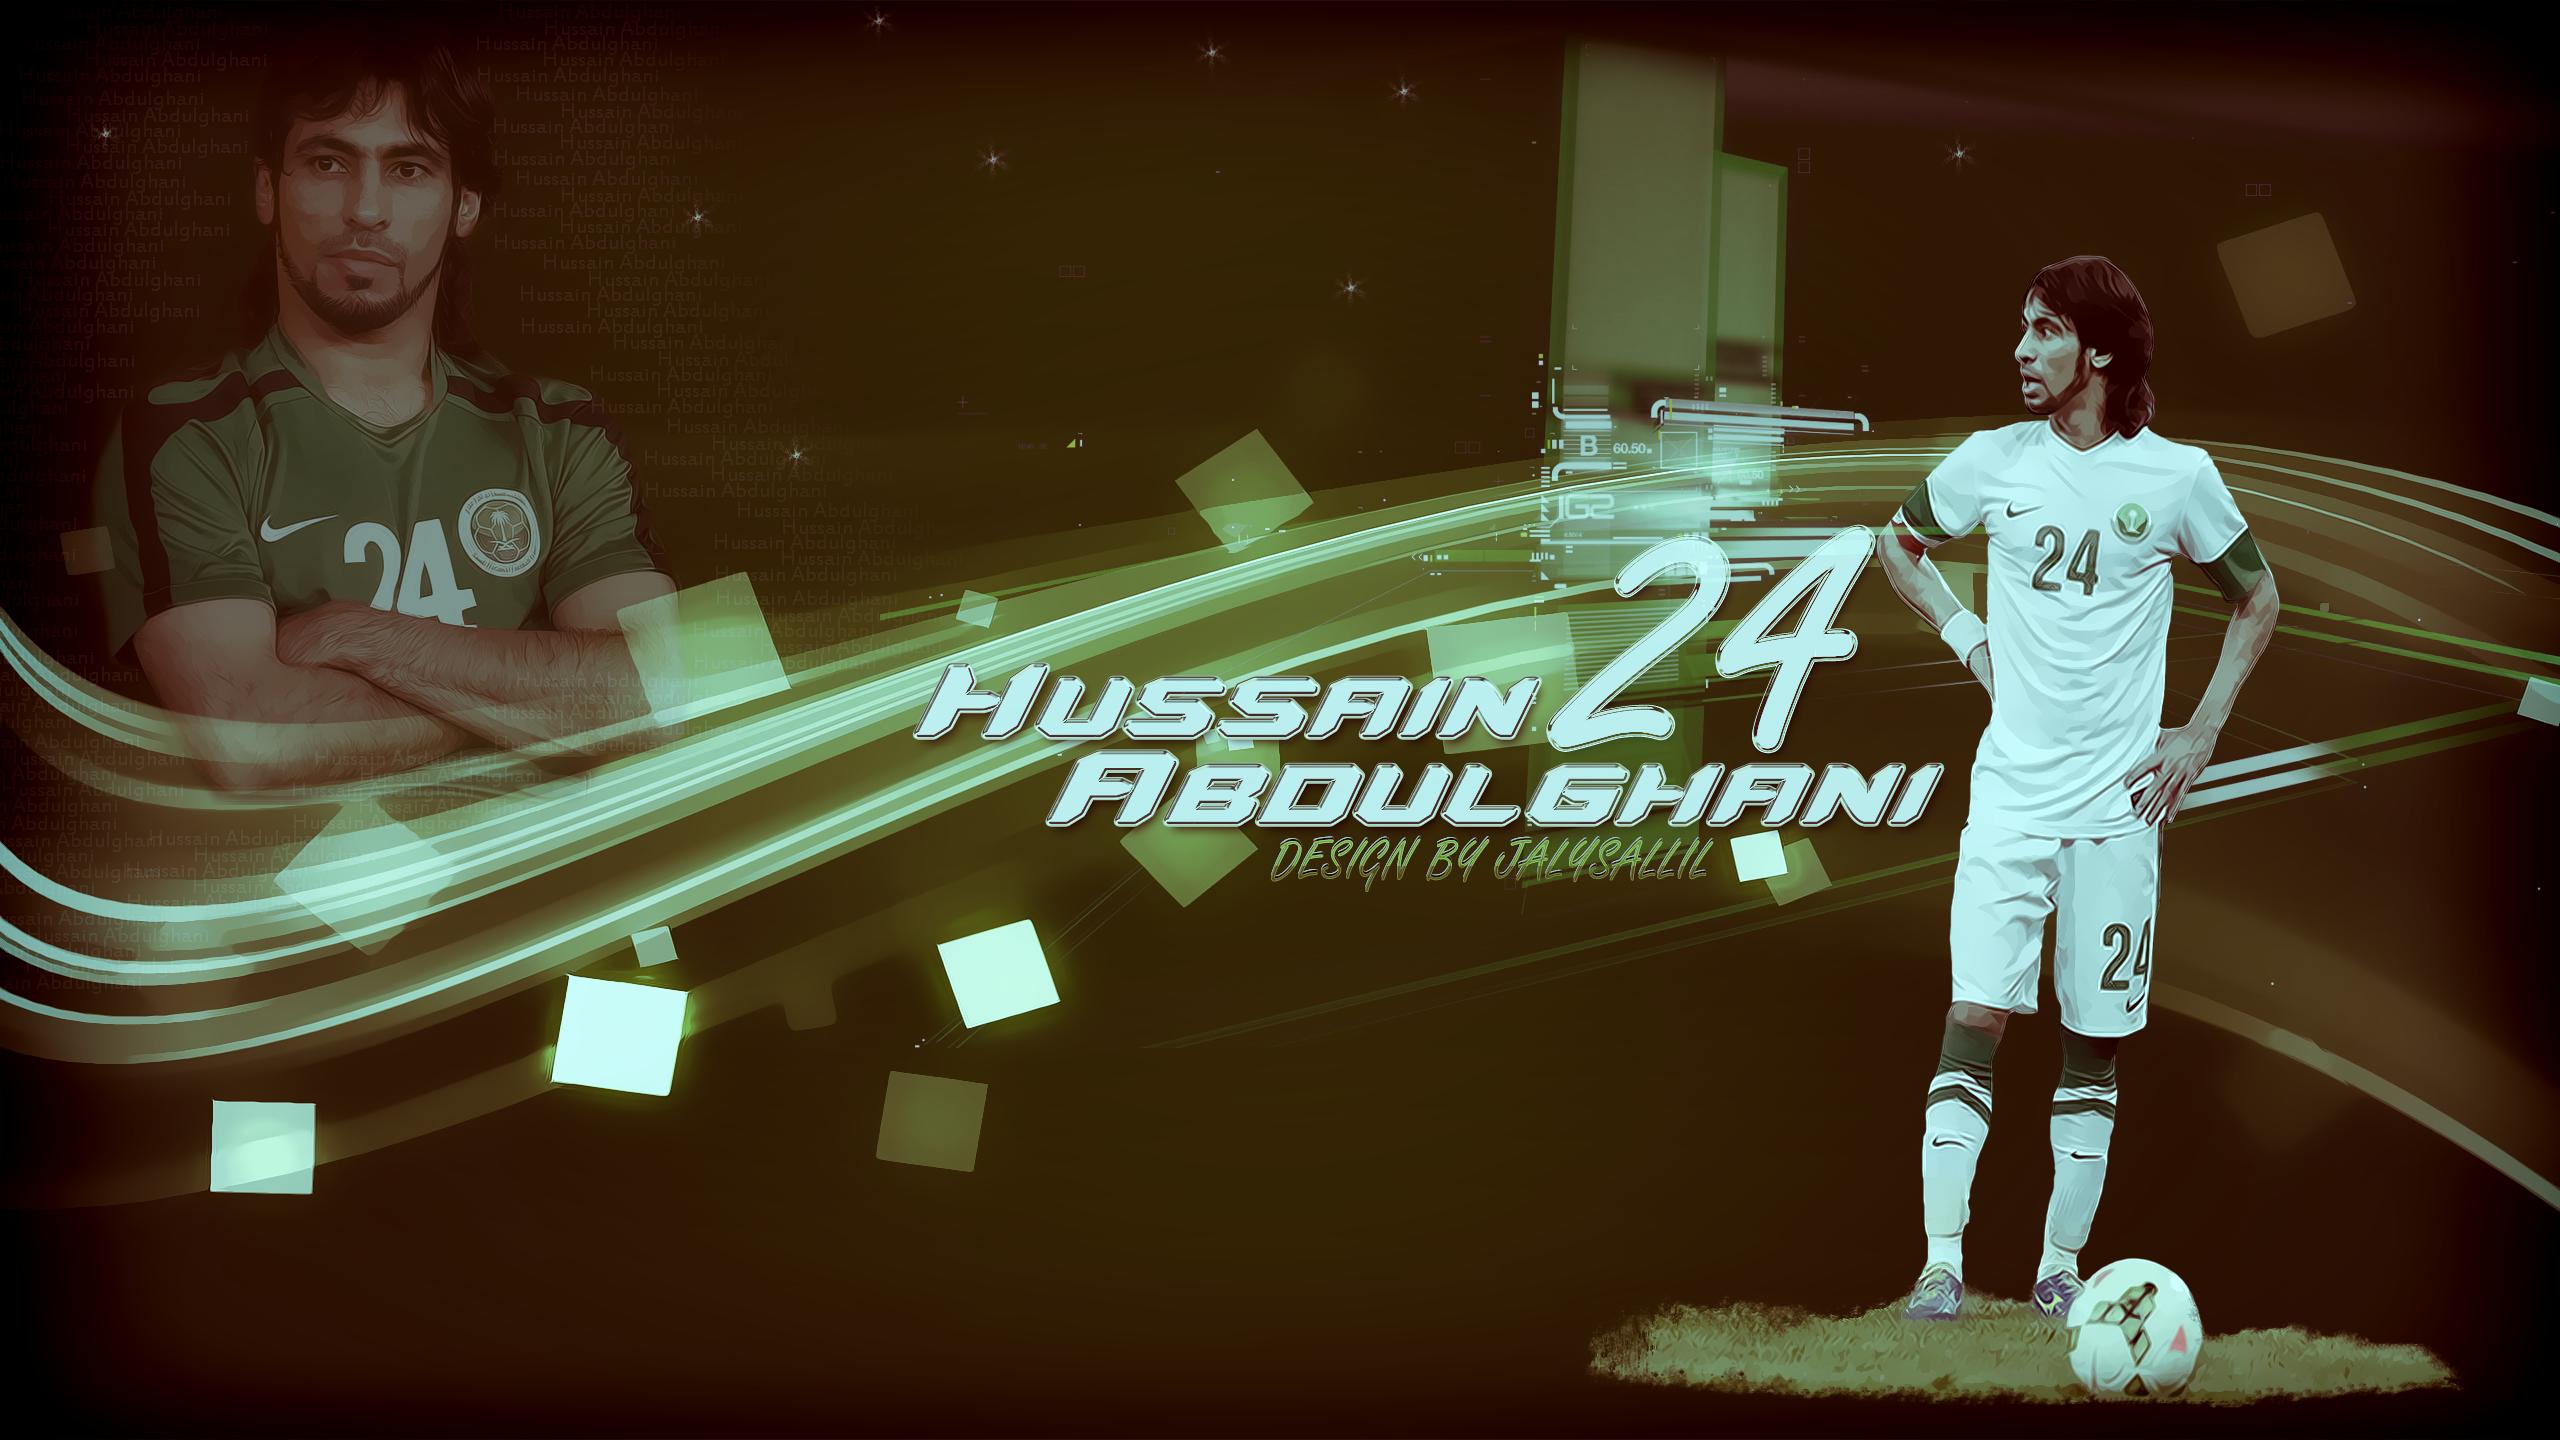 خلفية للاعب حسين عبد الغني